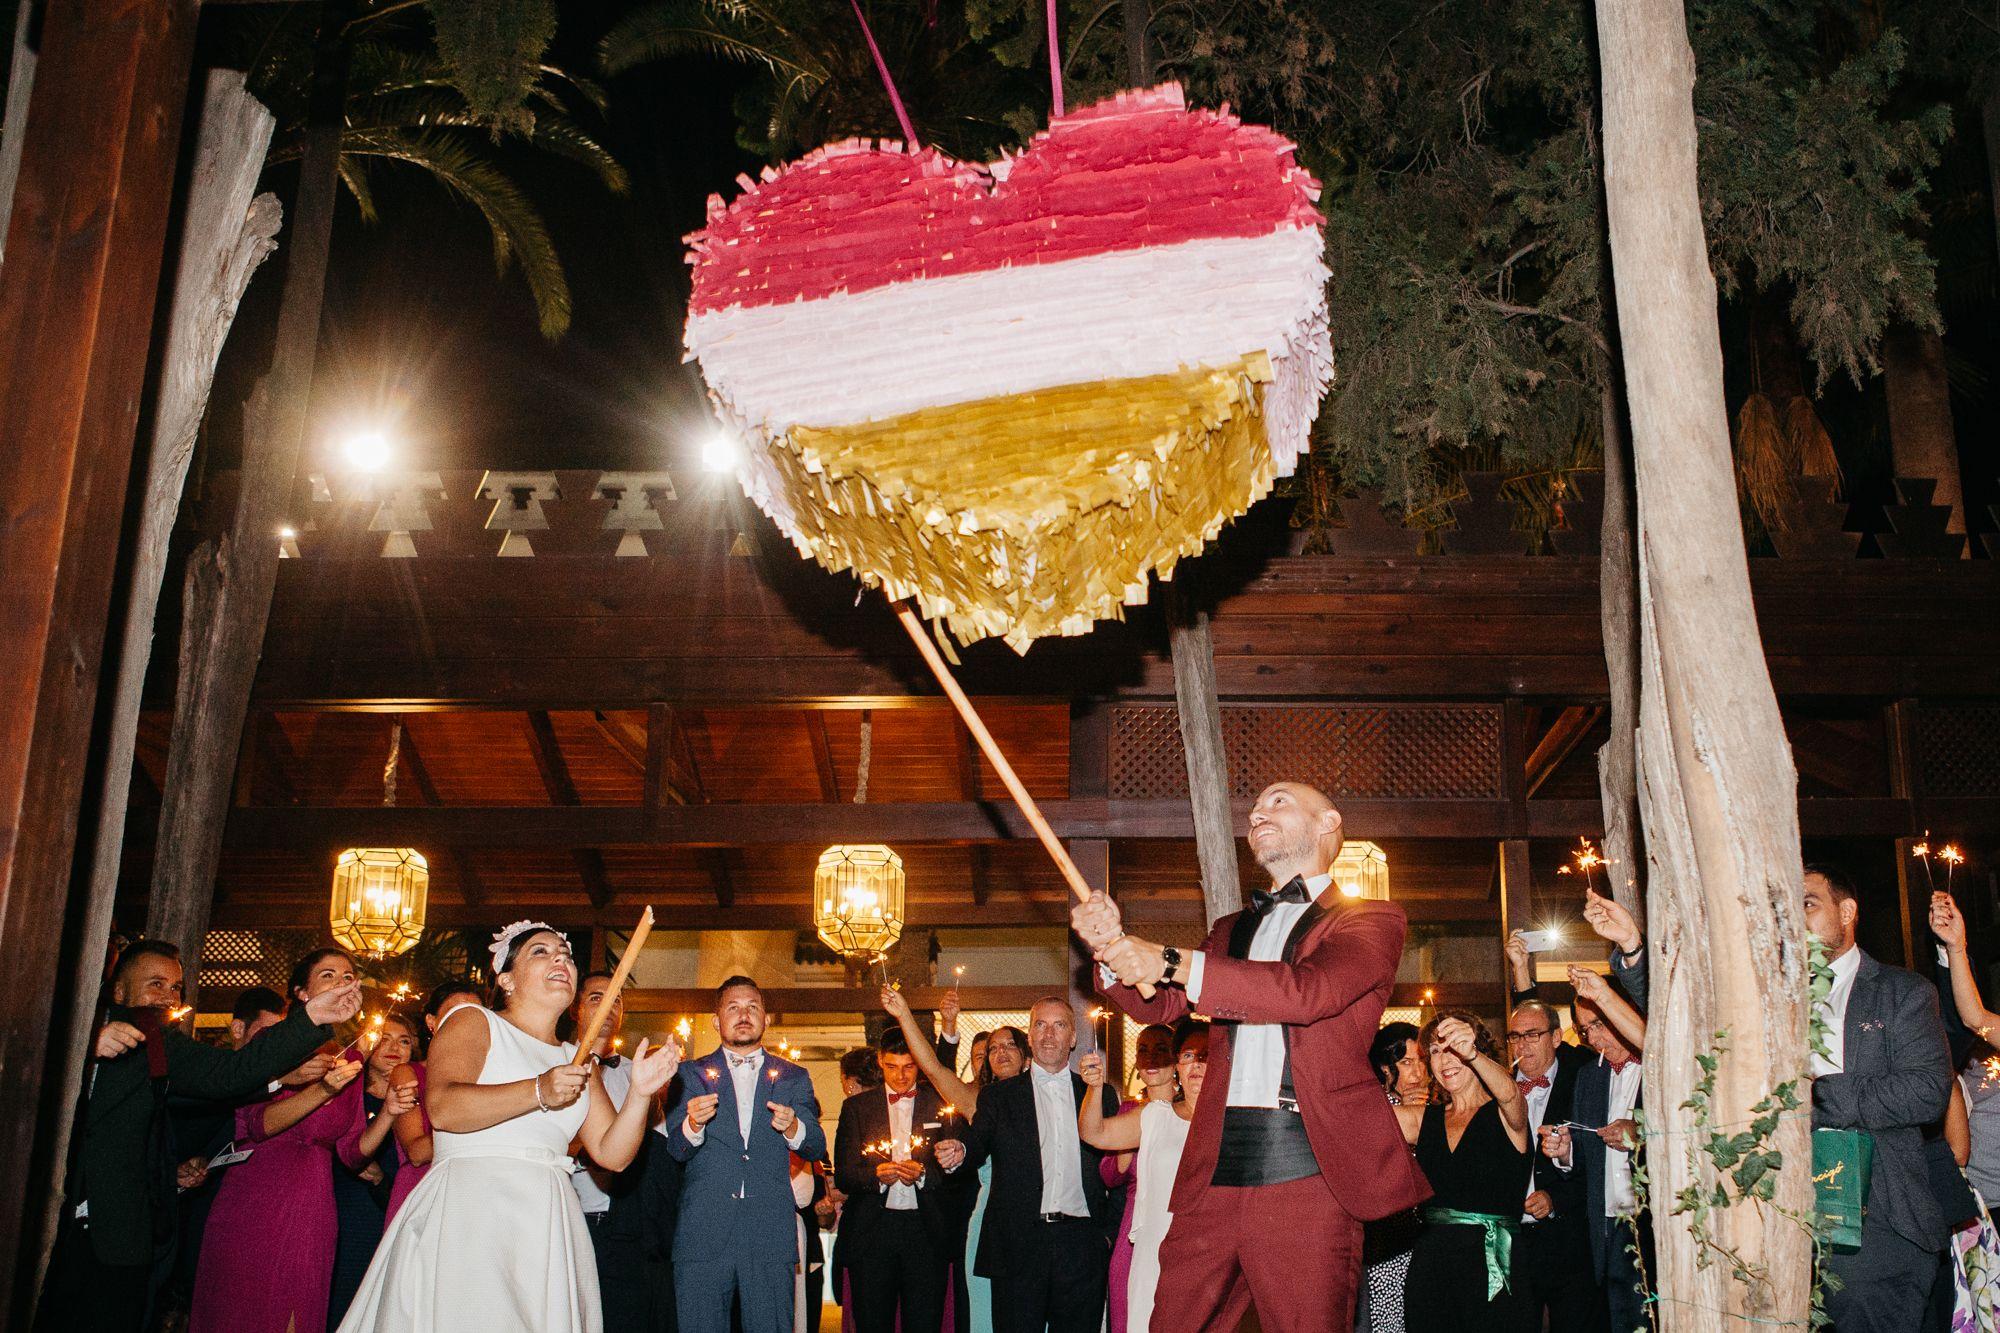 La boda de Amanda y Jorge en Villa Luisa 45